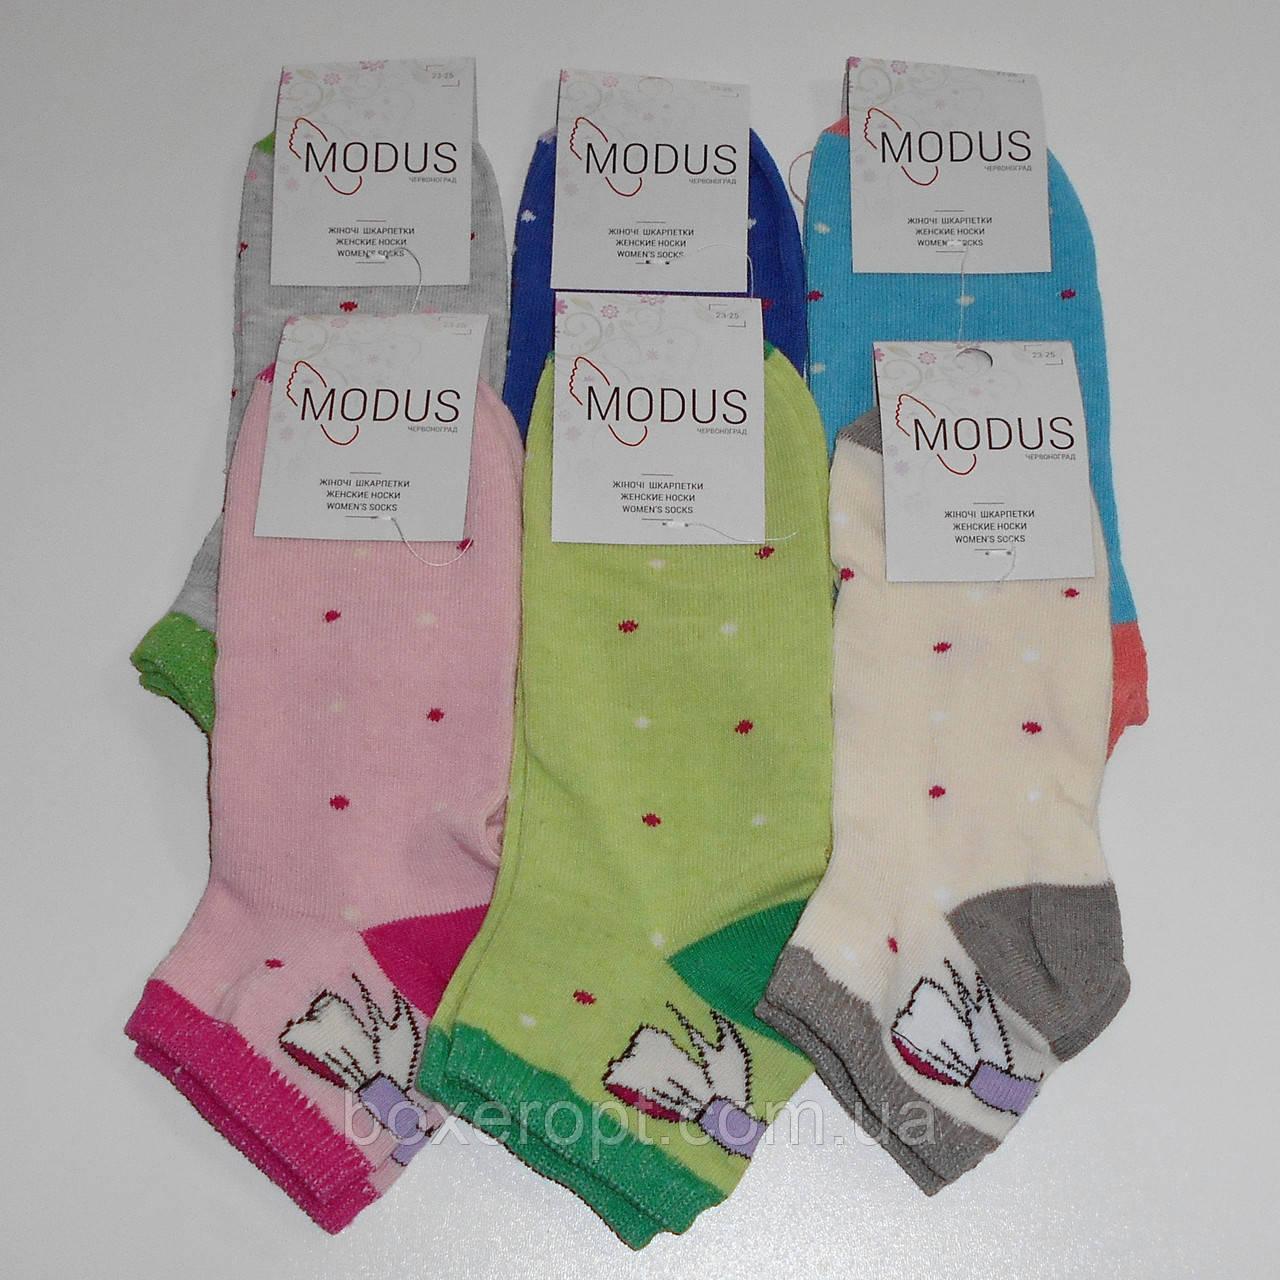 Женские носки Modus - 6.00 грн./пара (короткие, бантик)